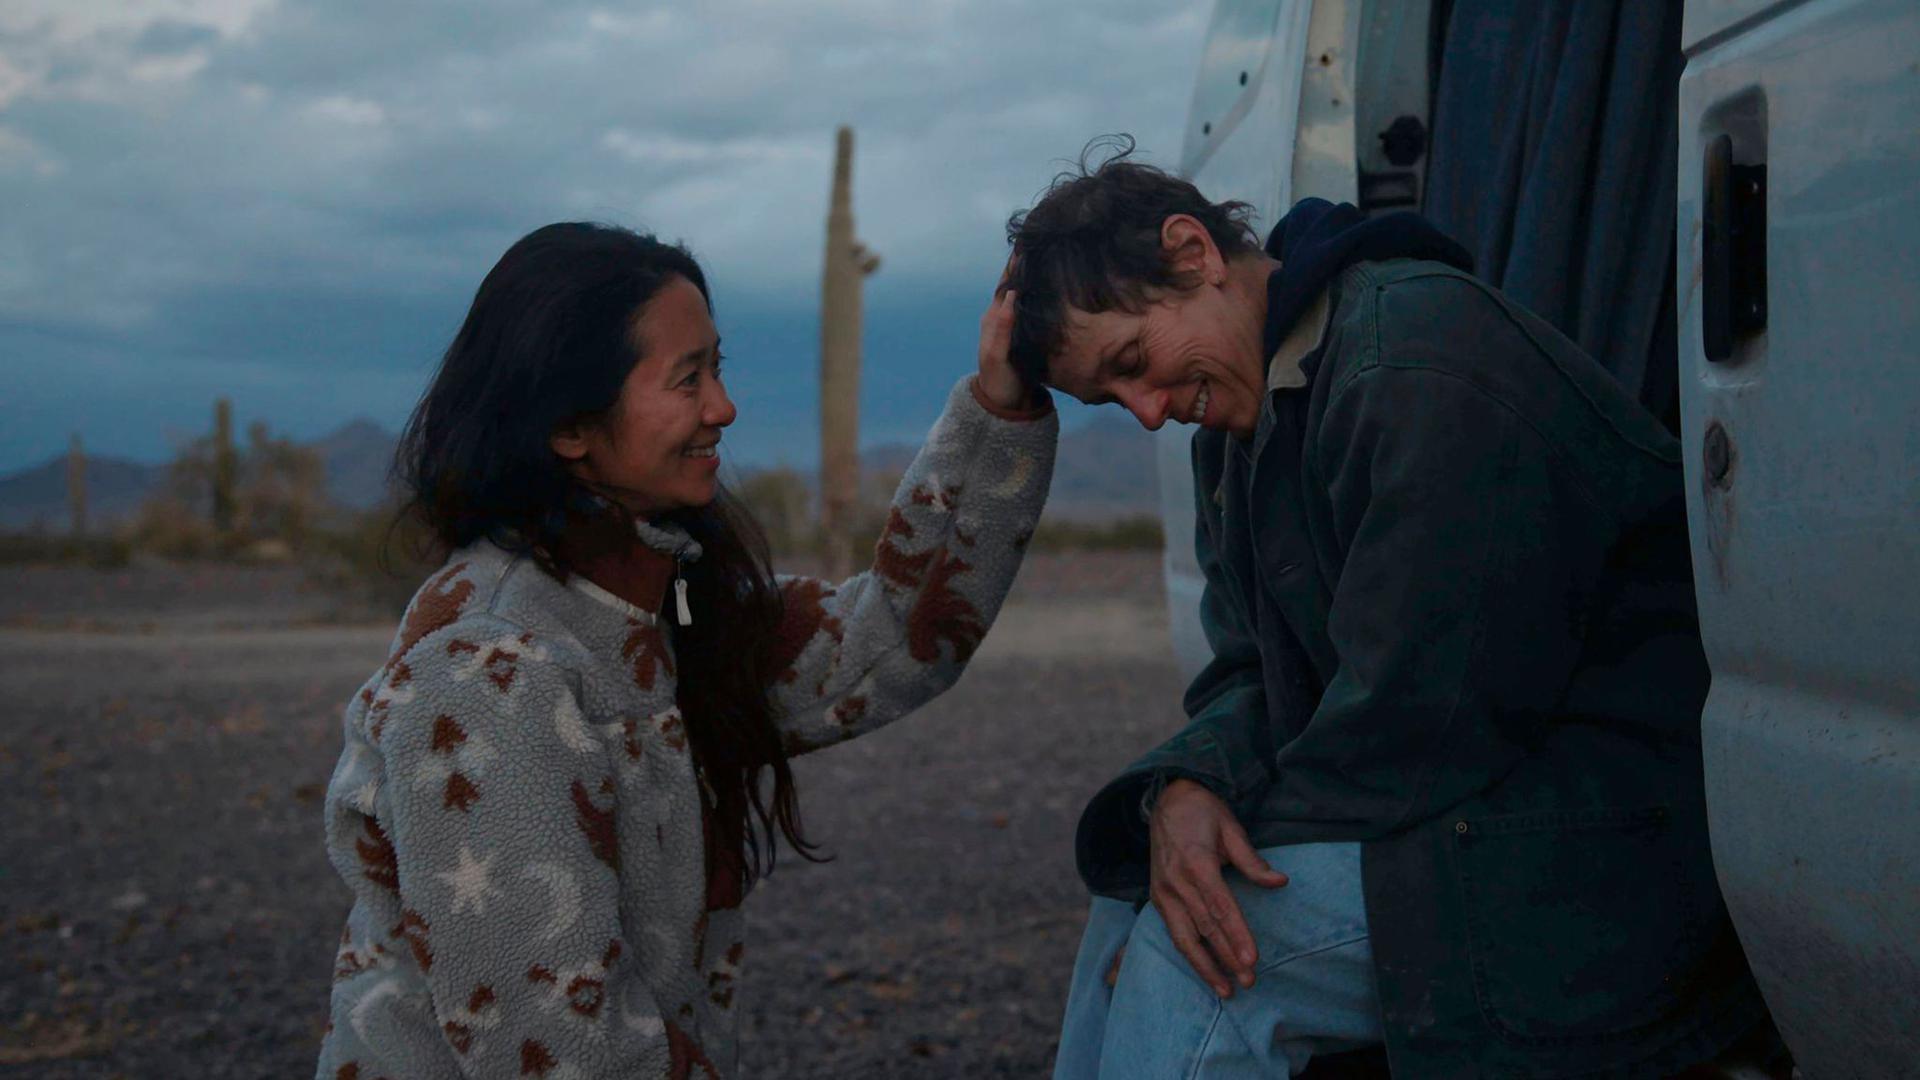 """Die Regisseurin Chloé Zhao (l) steht mit der Schauspielerin Frances McDormand am Set von """"Nomadland""""."""